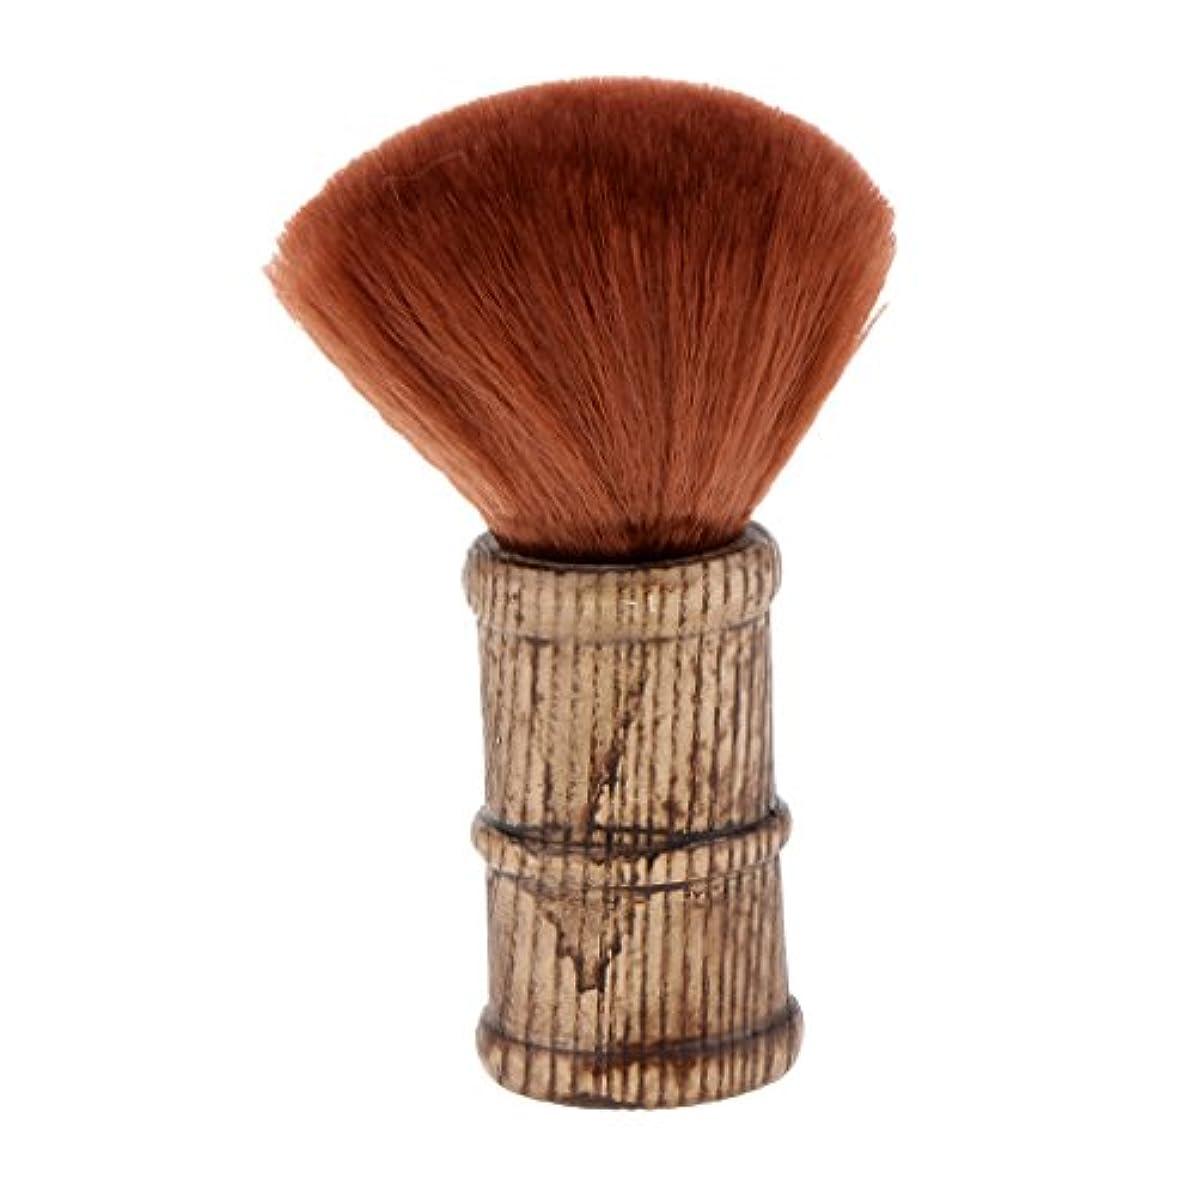 震え光電尋ねるネックダスターブラシ ヘアカットブラシ 理髪師 サロン スーパーソフト メイクアップ 2色選べる - 褐色